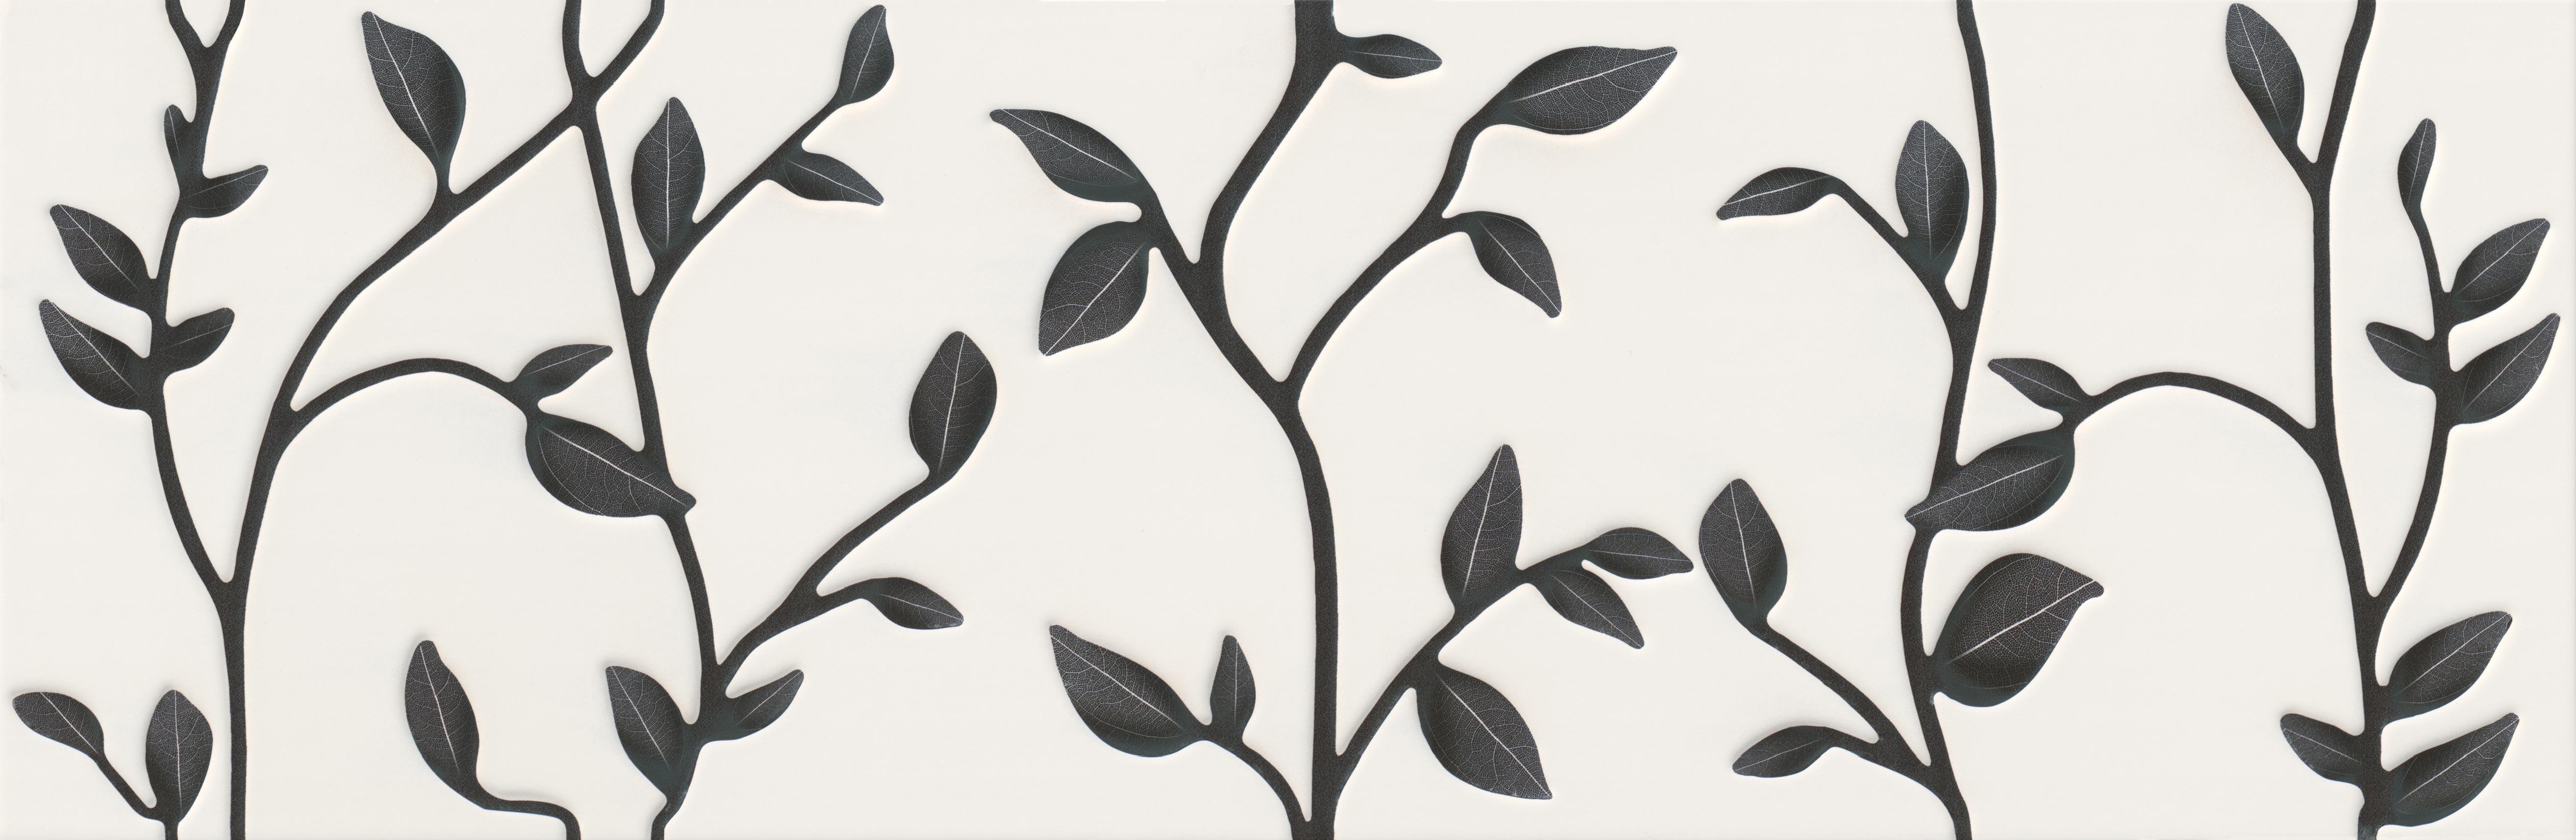 Купить Керамическая плитка Mei Winter Vine белый (O-WIN-WID051-54) декор 29x89, Россия